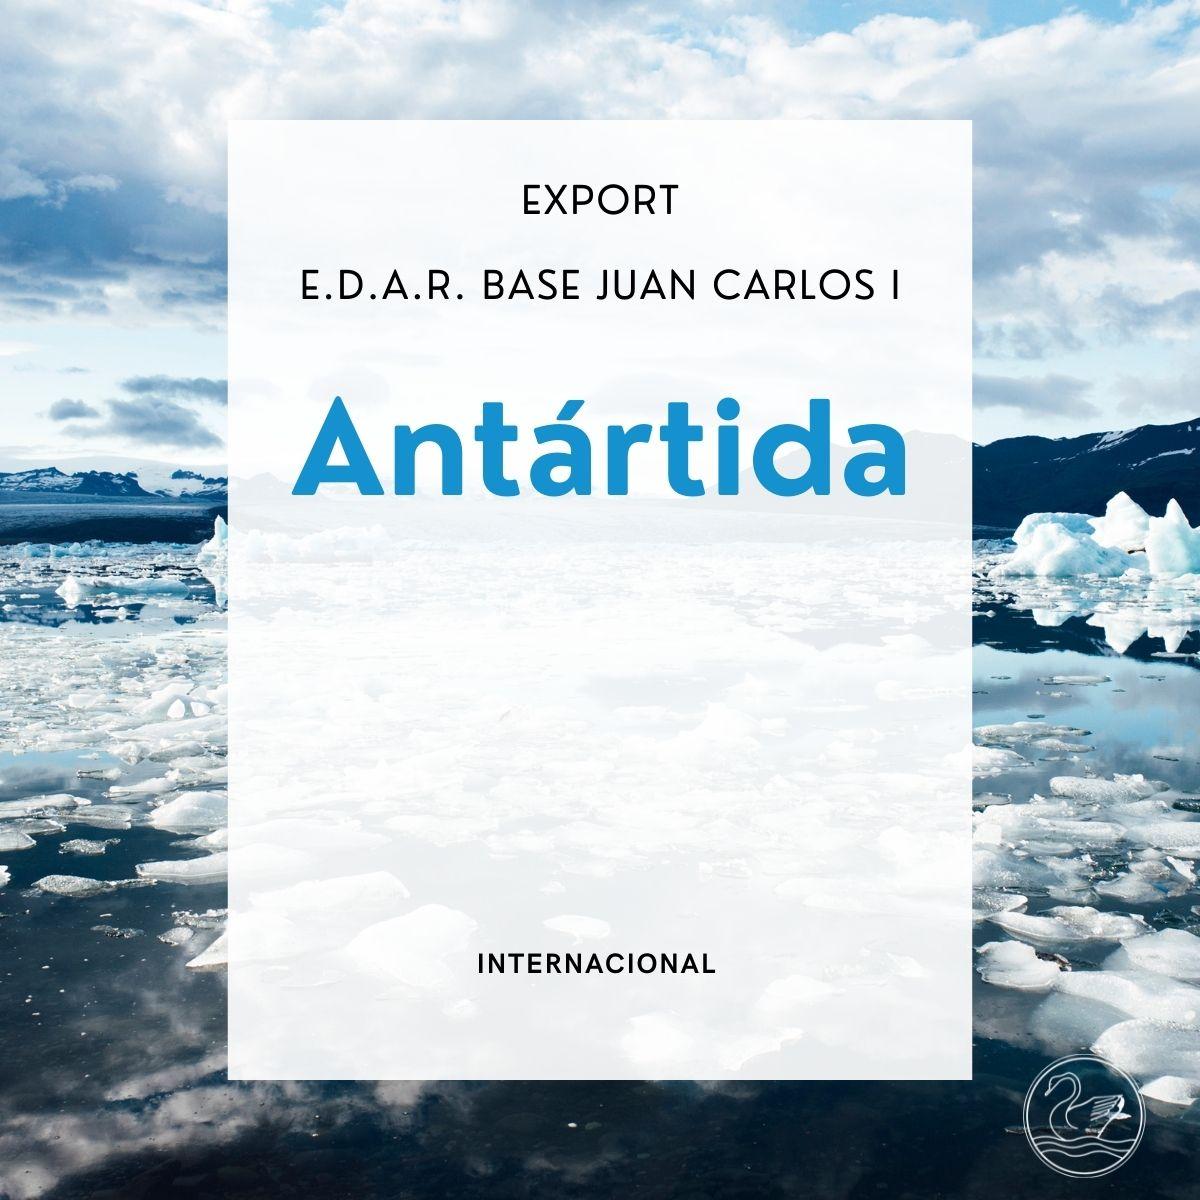 Export: E.D.A.R. Bade Juan Carlos I en la Antártida